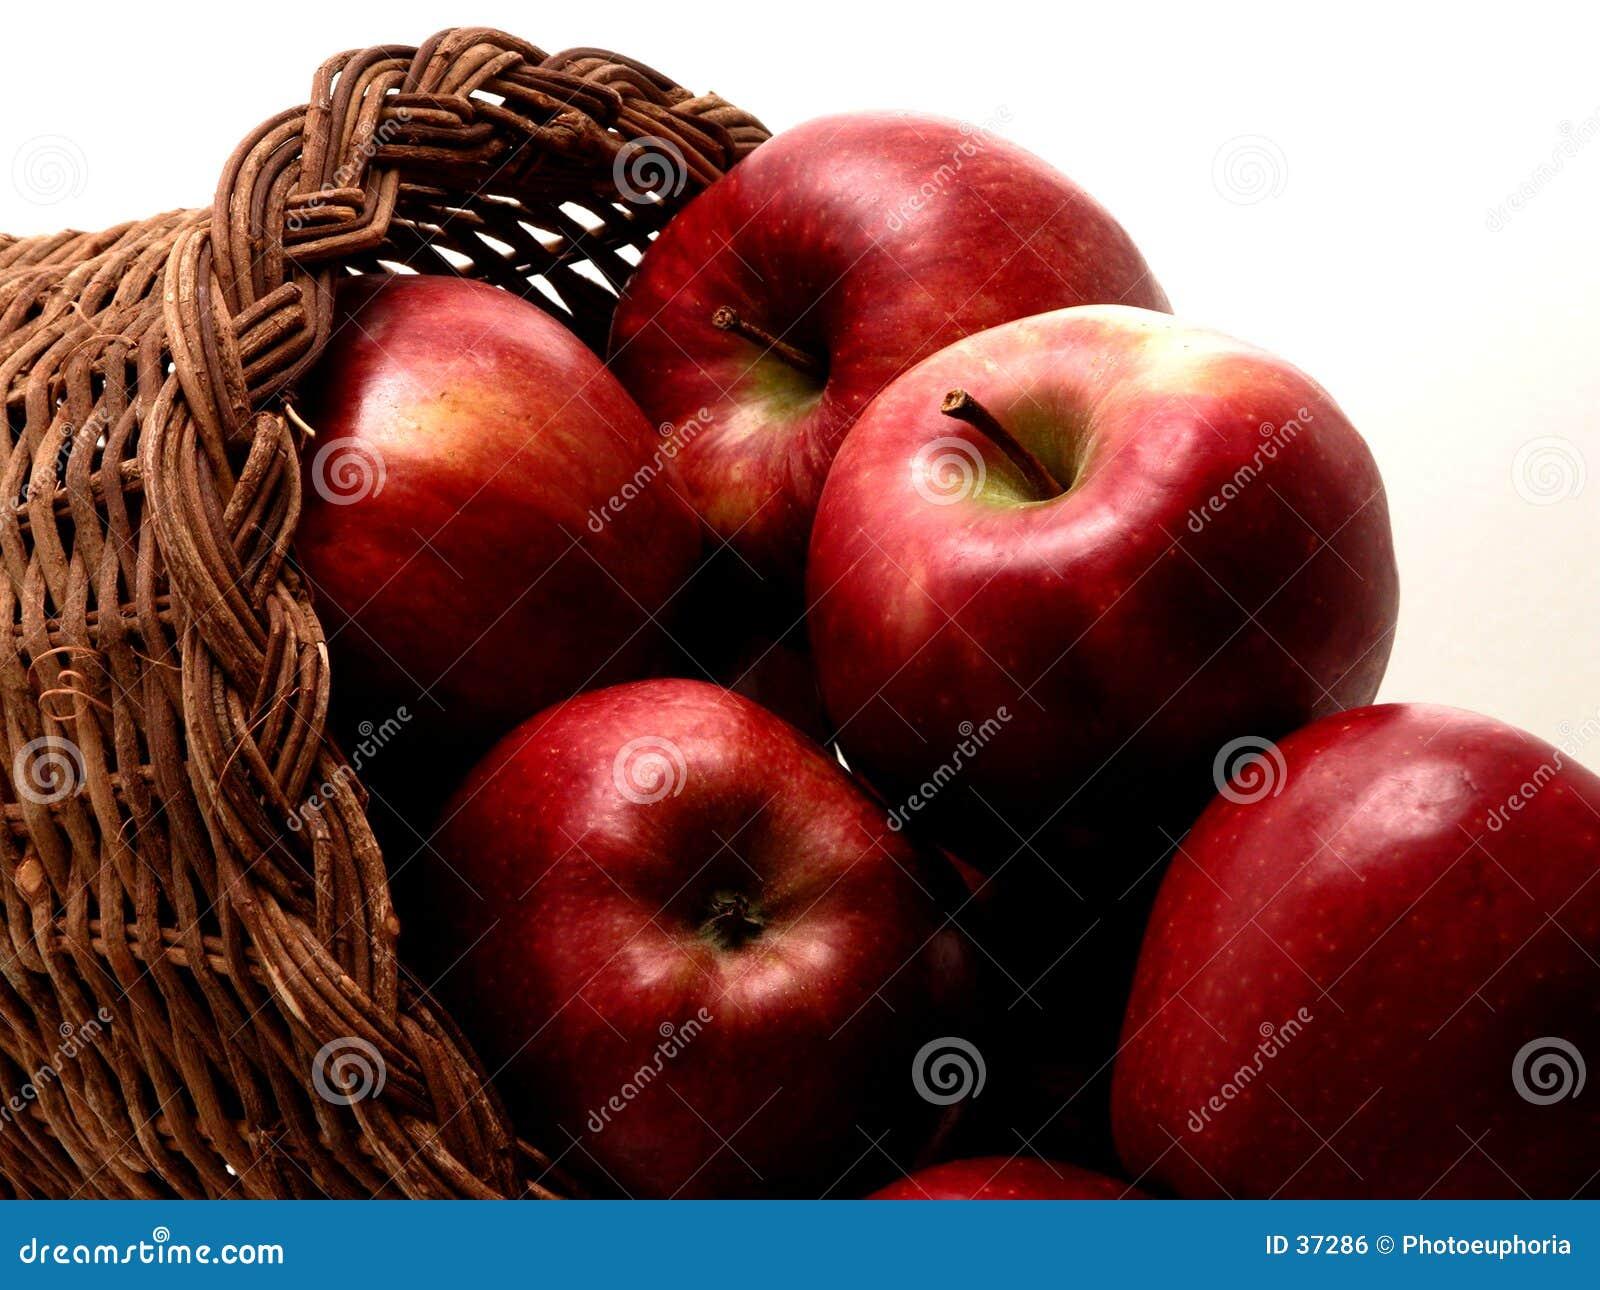 Voedsel: De Mand van de appel (1 van 4)